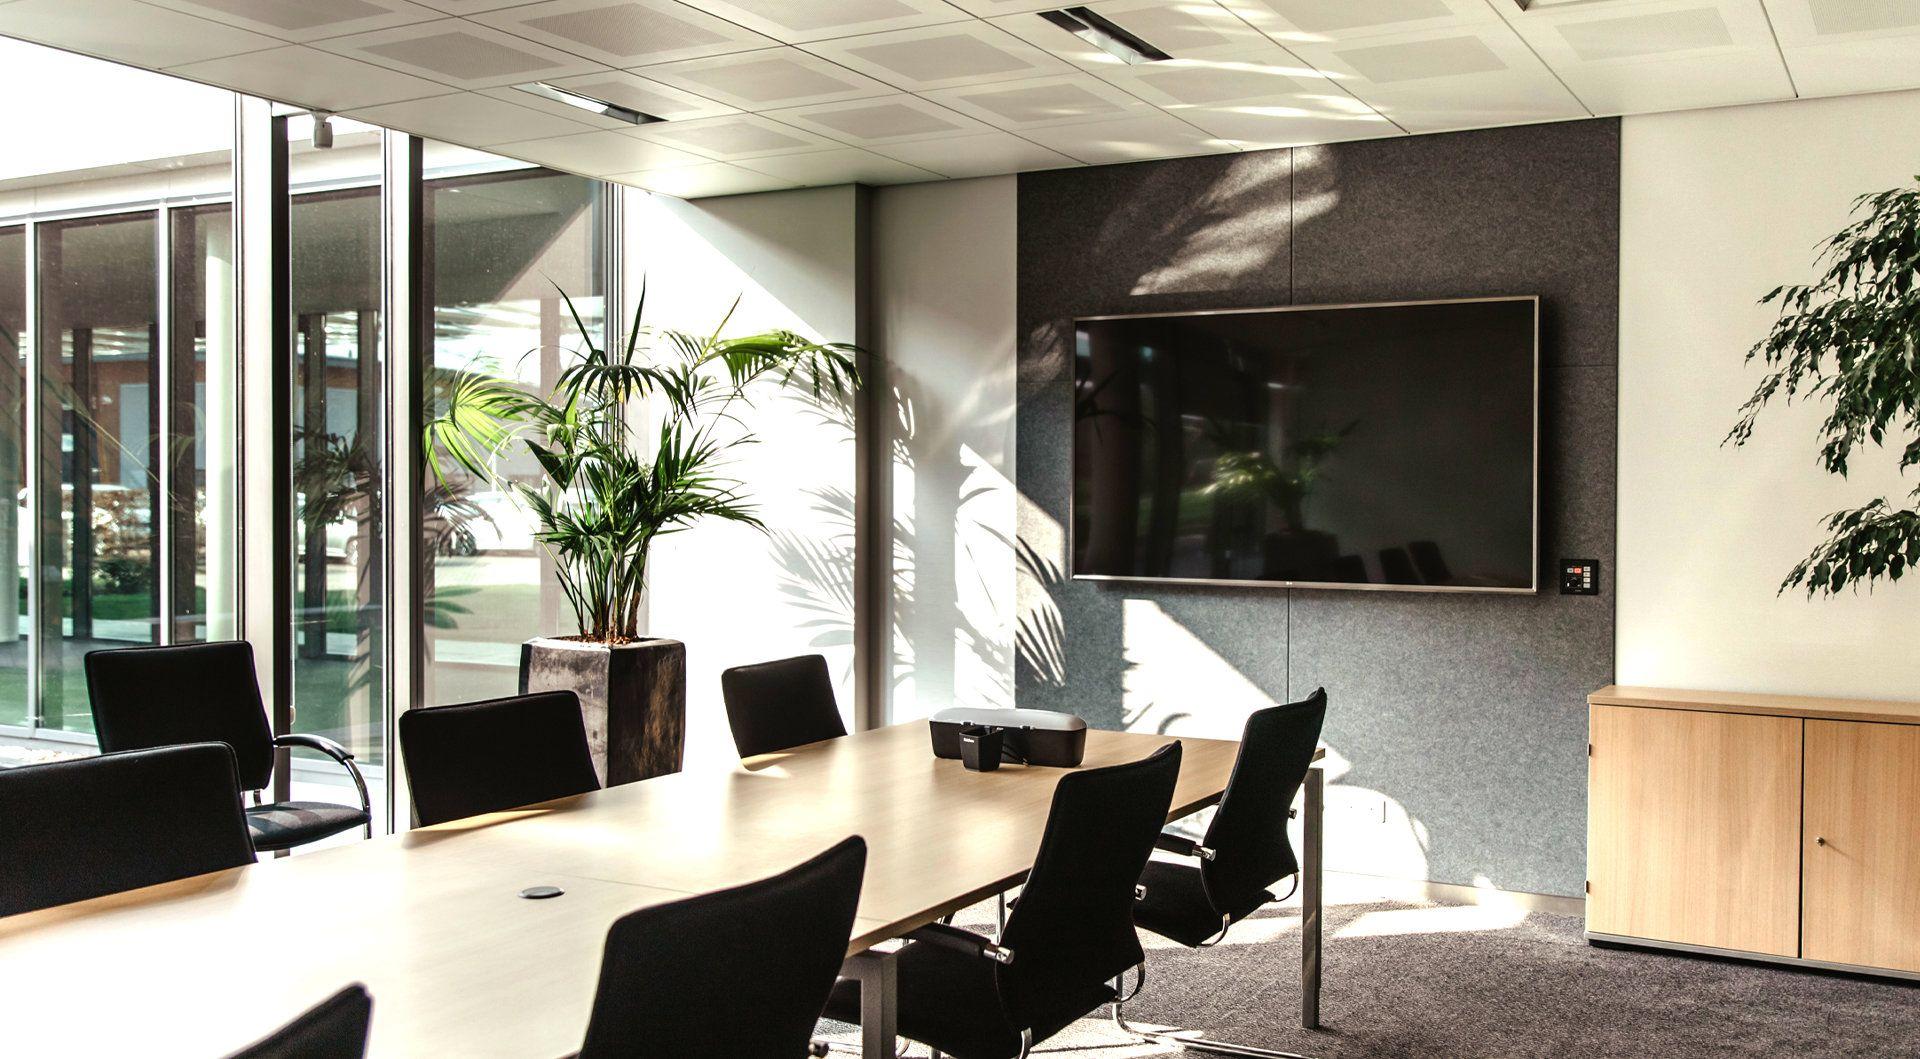 Chief Offset Ceiling Plate flat panel plafond steun Zwart - Case studie de vries